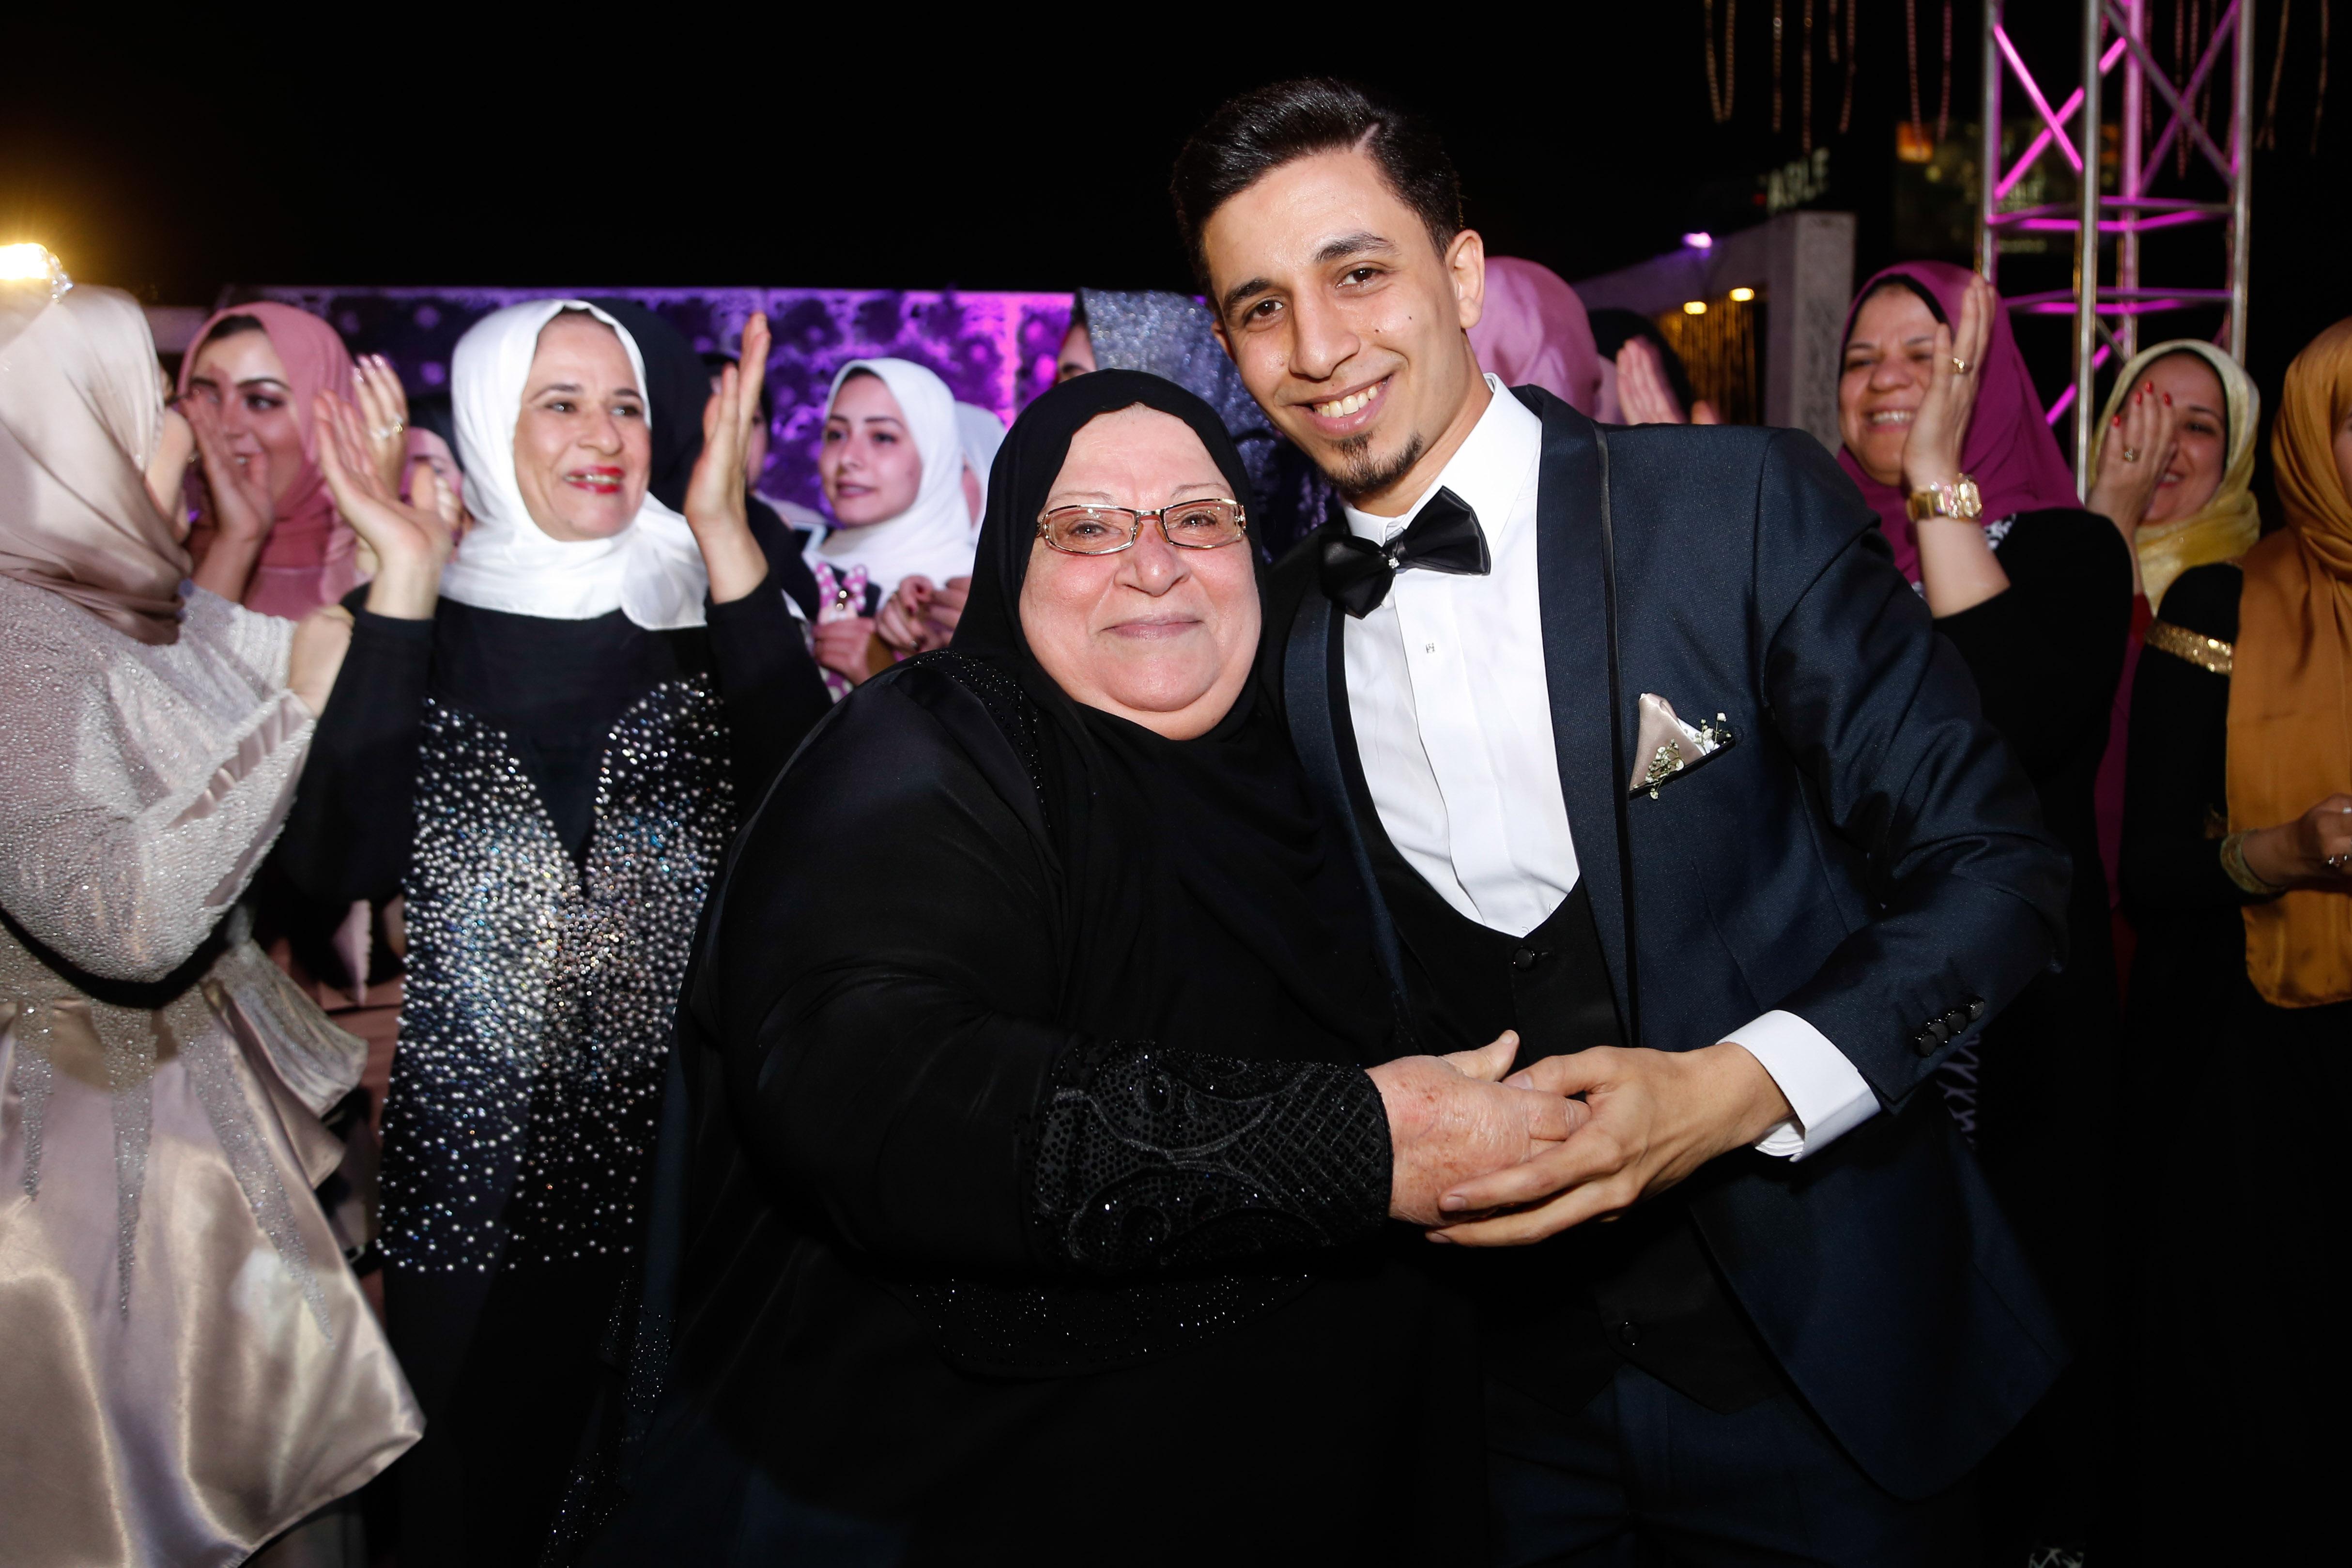 خطوبة الزميل أحمد طارق (36)